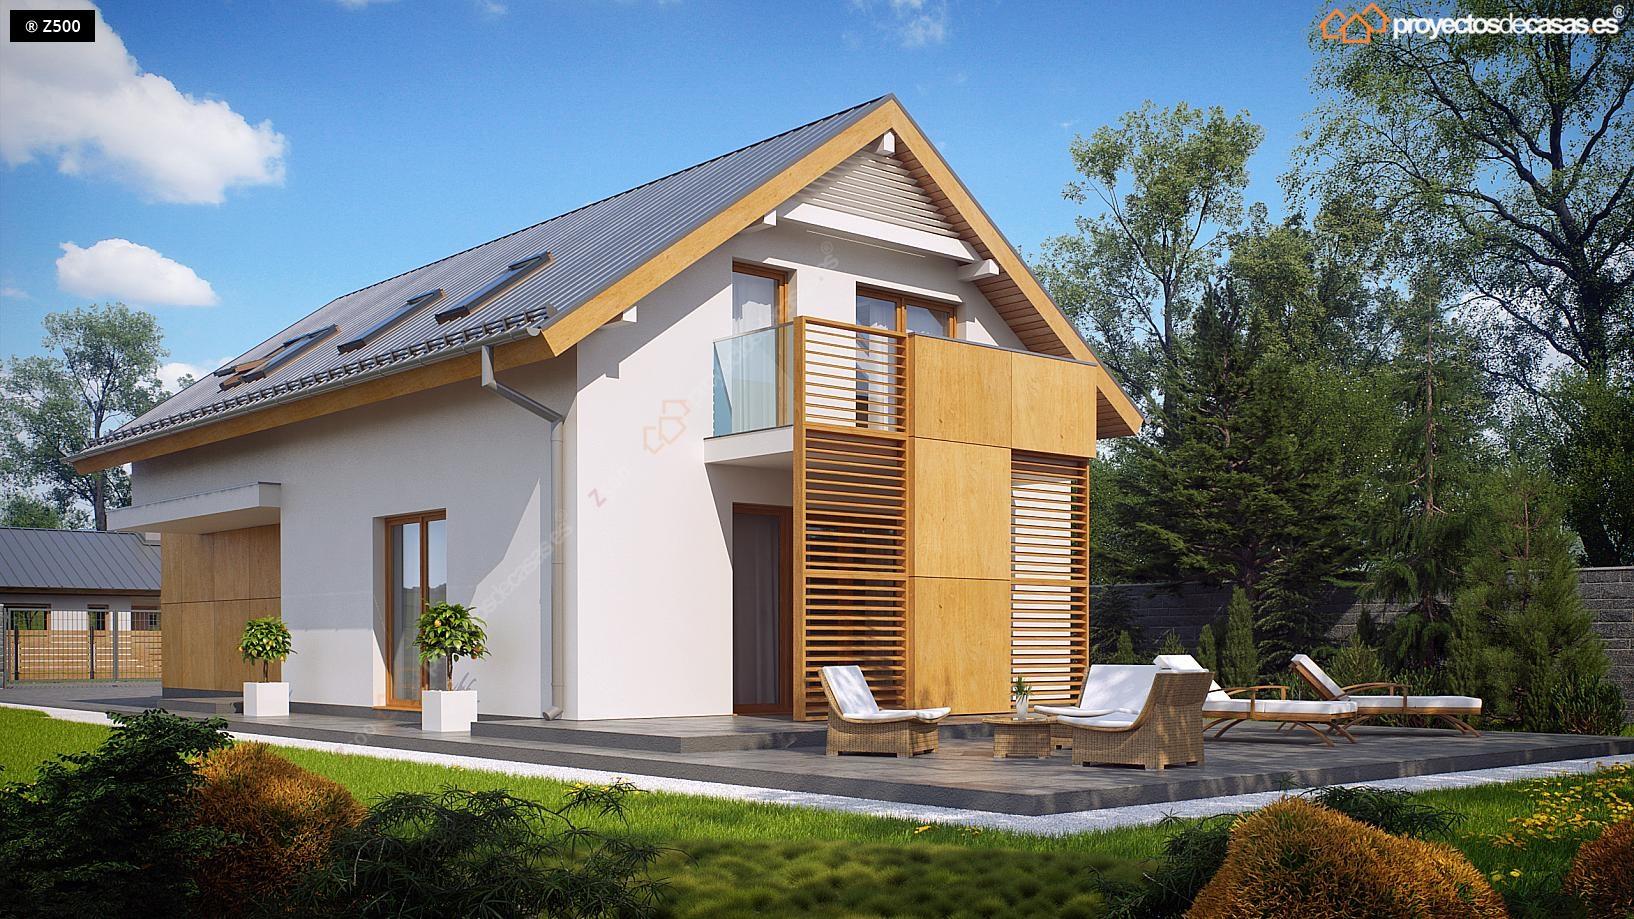 proyectos de casas casa tradicional cubierta a dos aguas